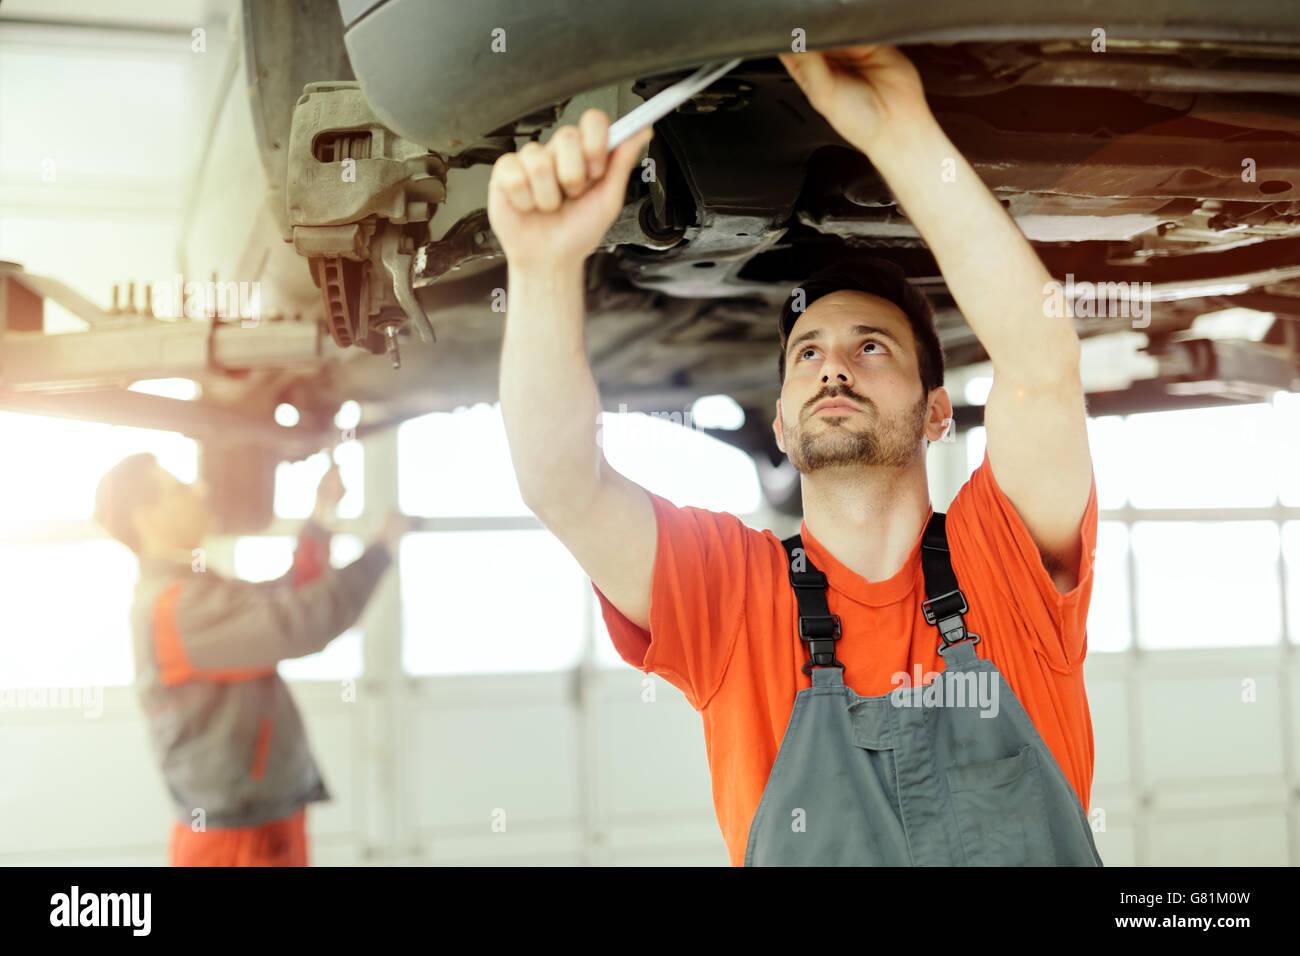 Car mechanic upkeeping car in dealership garage - Stock Image